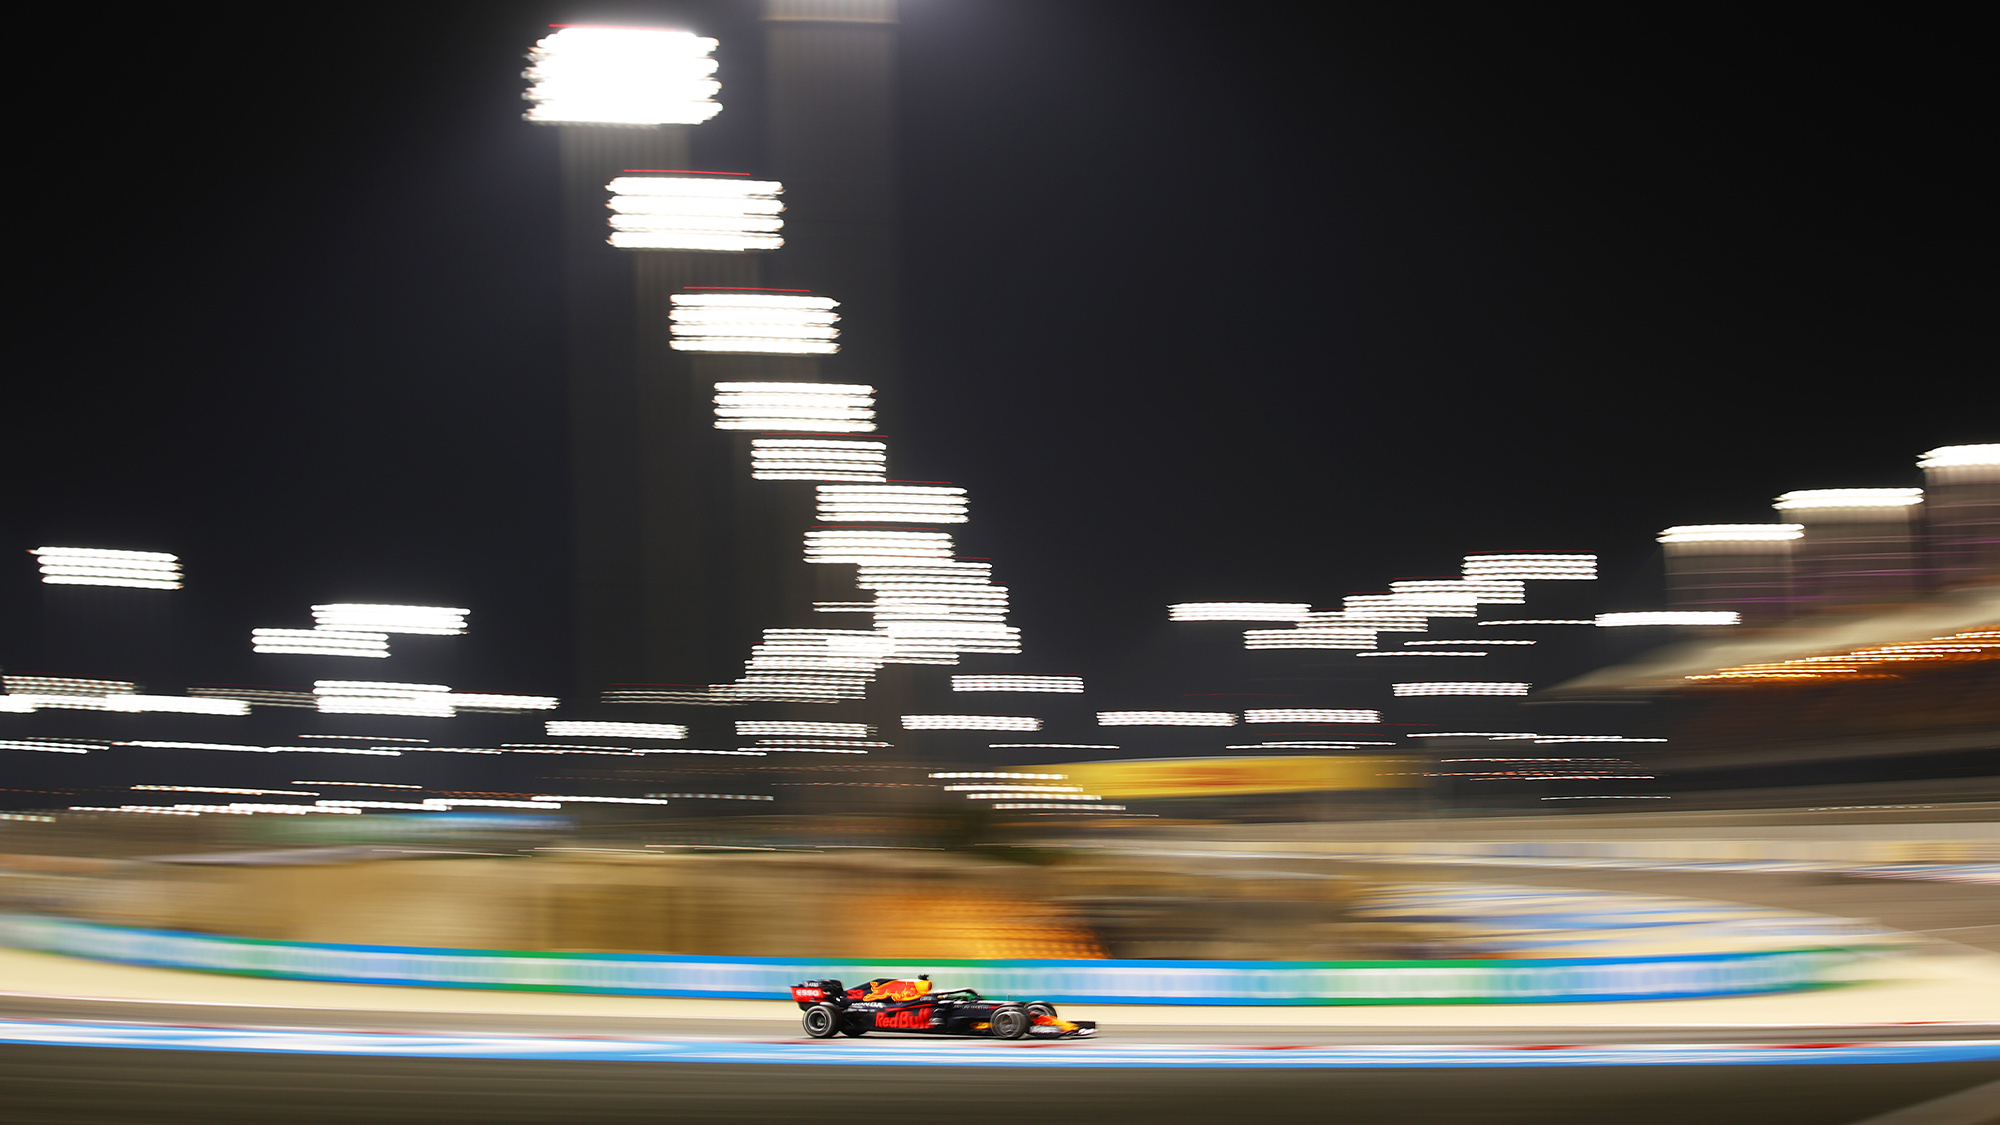 Max Verstappen's Red Bull during the 2020 F1 Bahrain Grand Prix